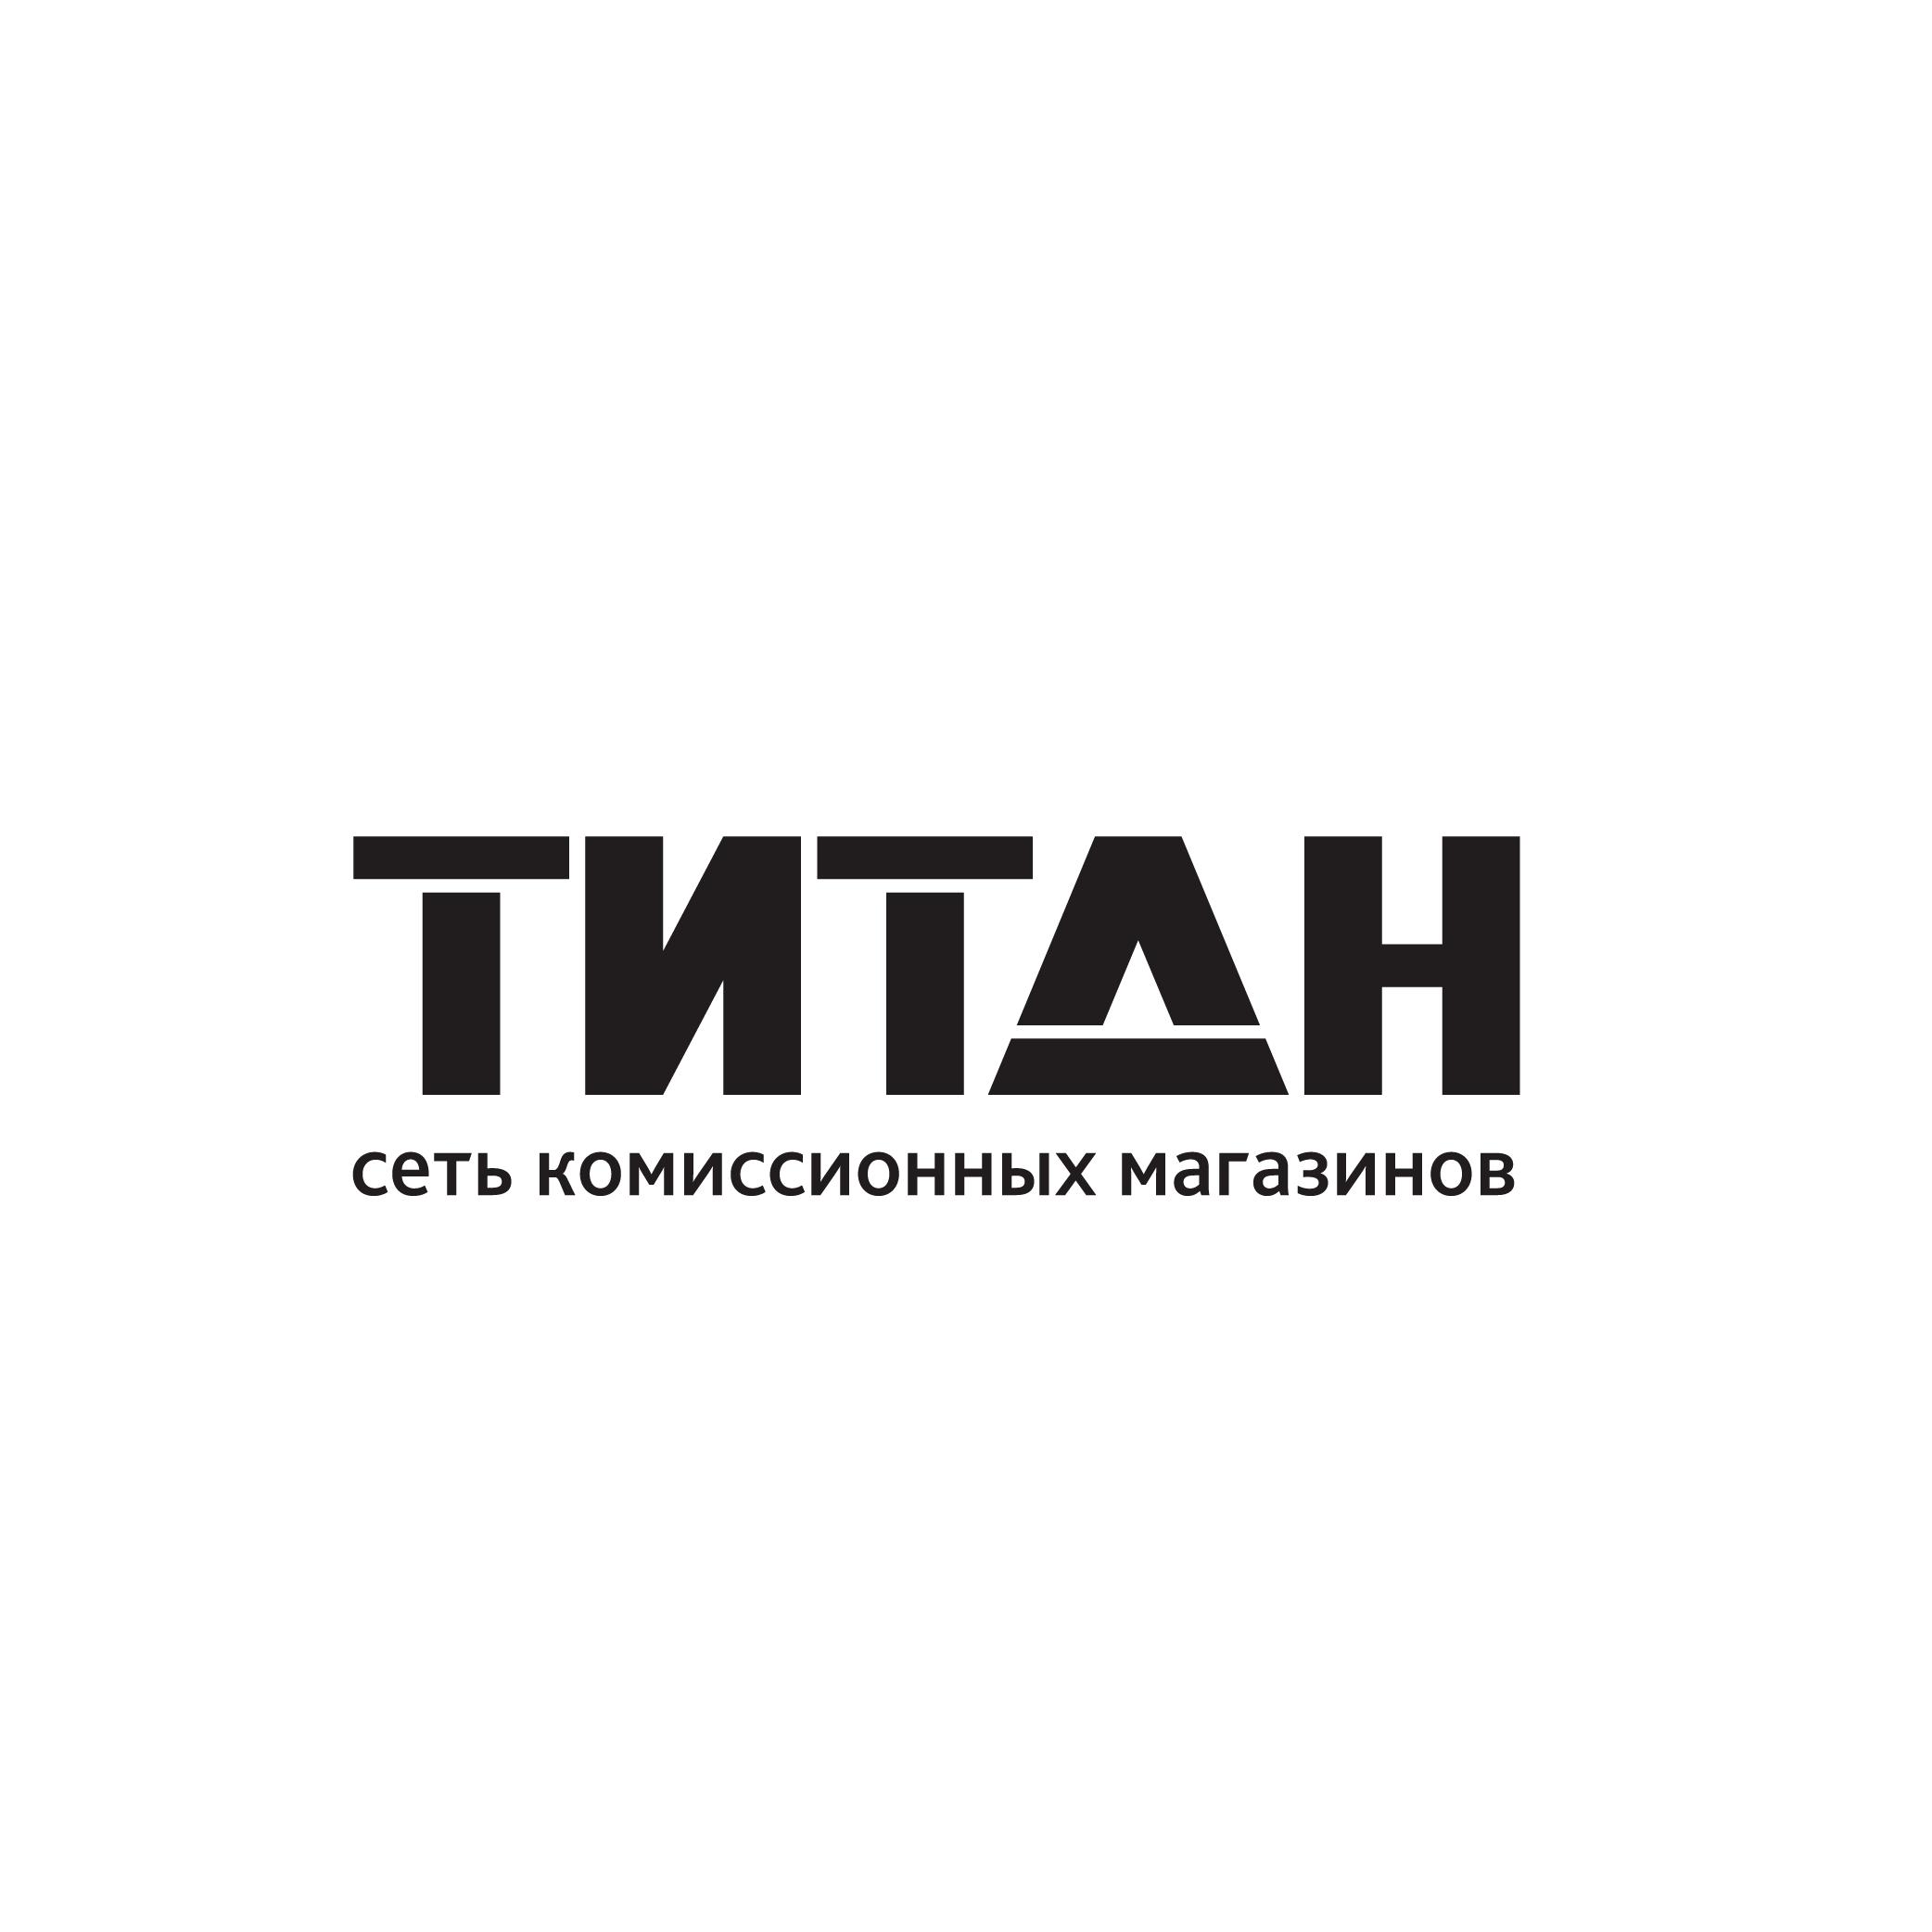 Разработка логотипа (срочно) фото f_3115d499663e9e5f.png